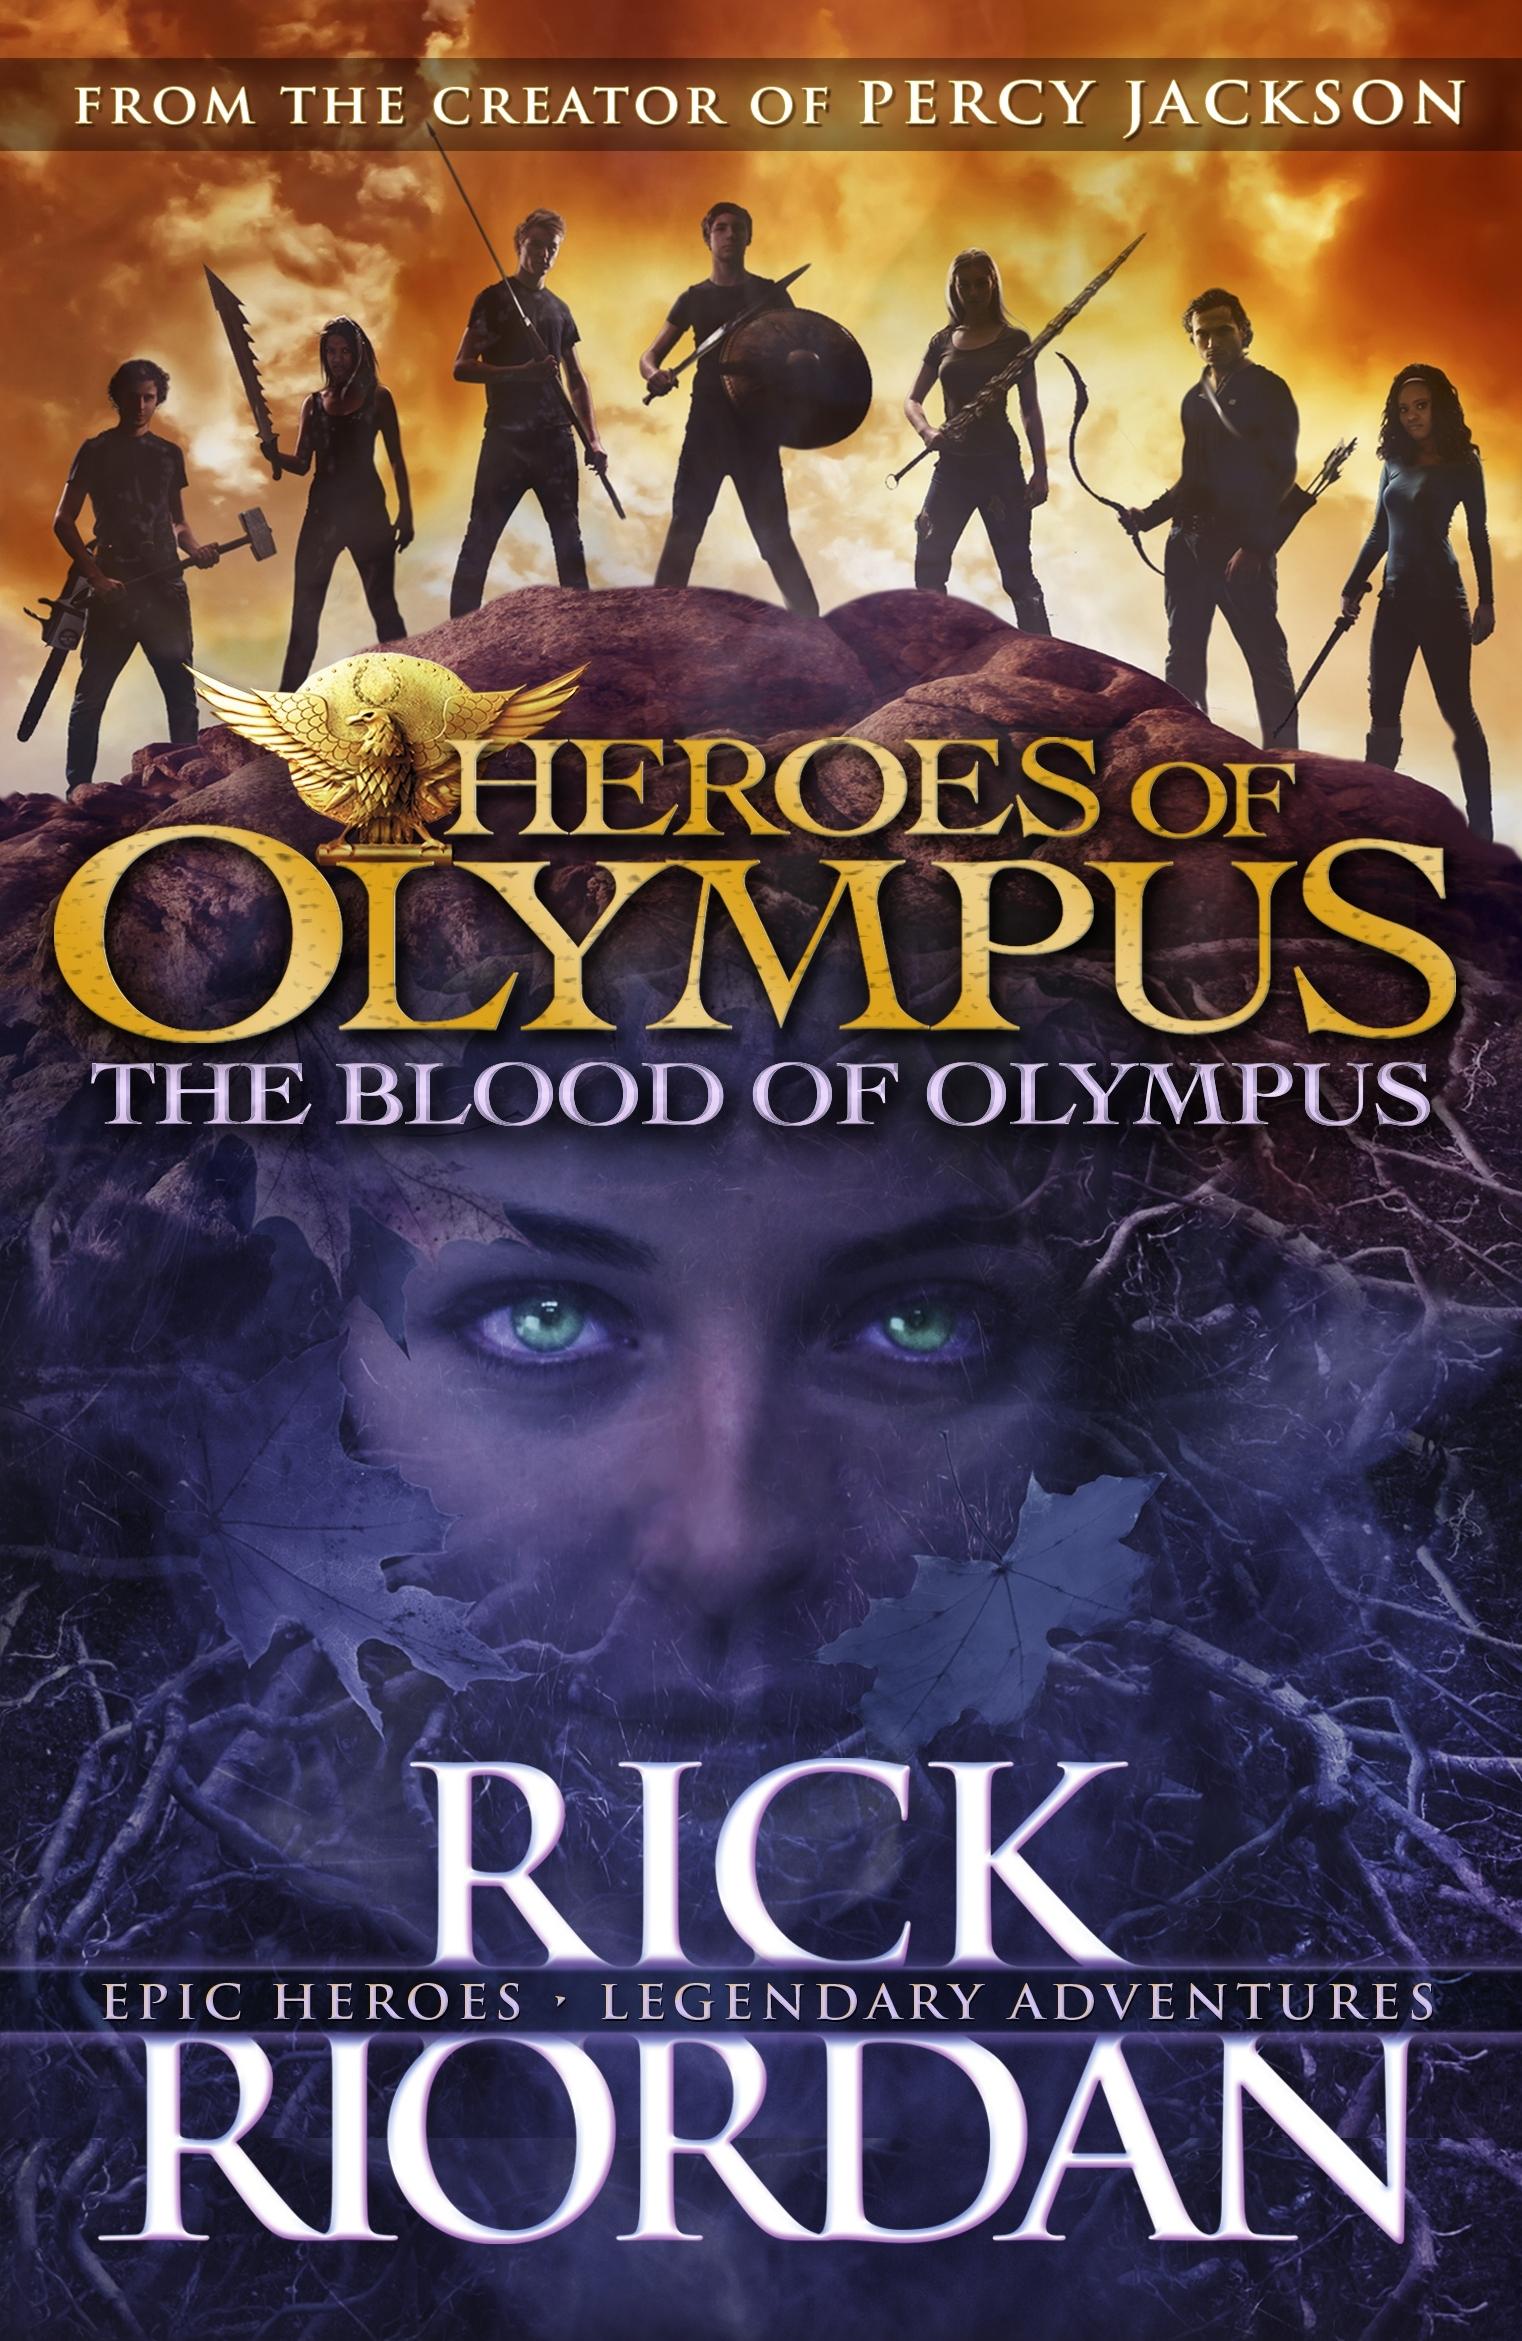 percy jackson heroes of olympus book 2 pdf